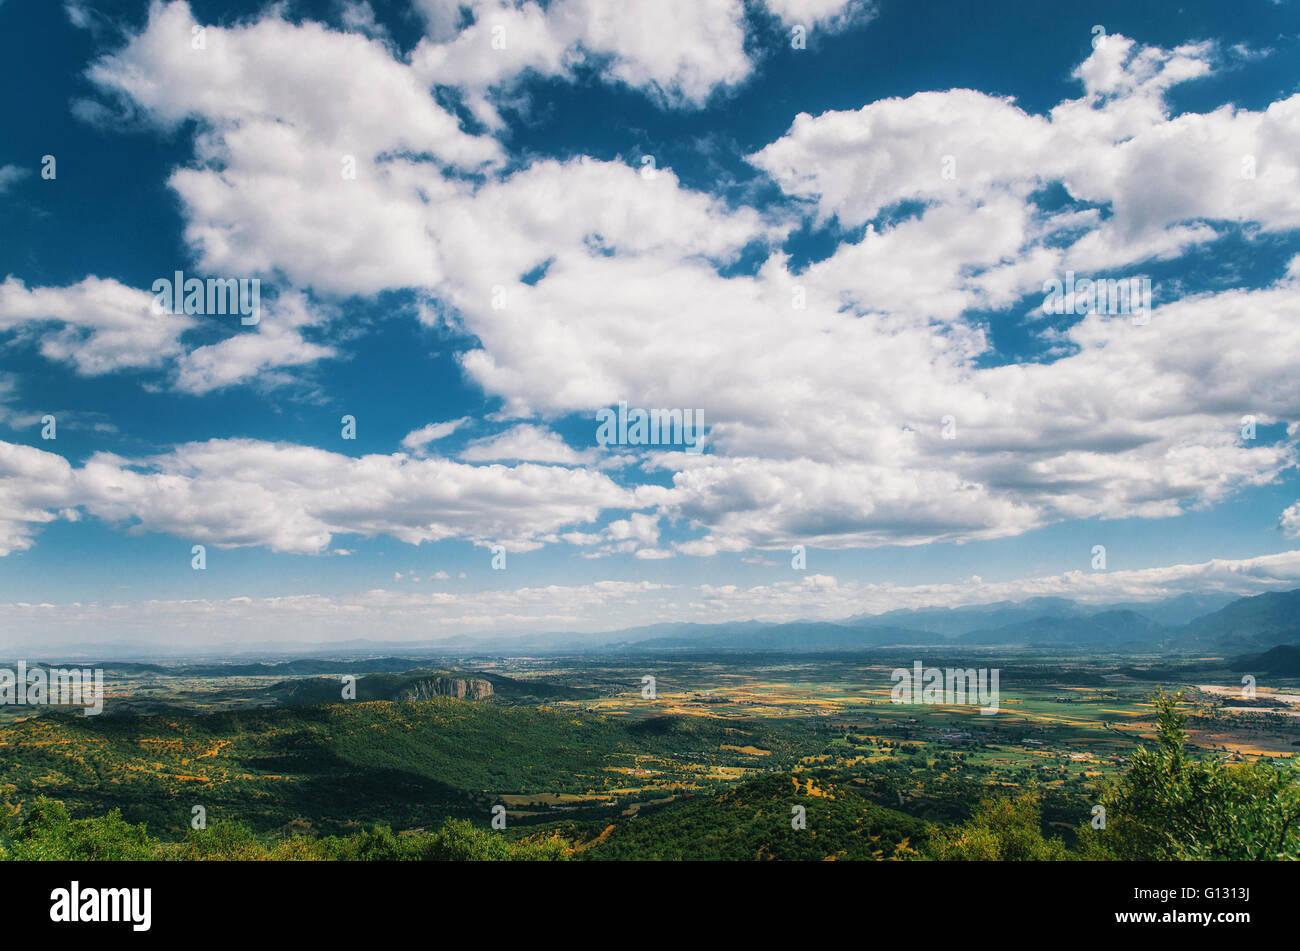 Wolkengebilde über das Tal von Thessalien, Griechenland Stockbild